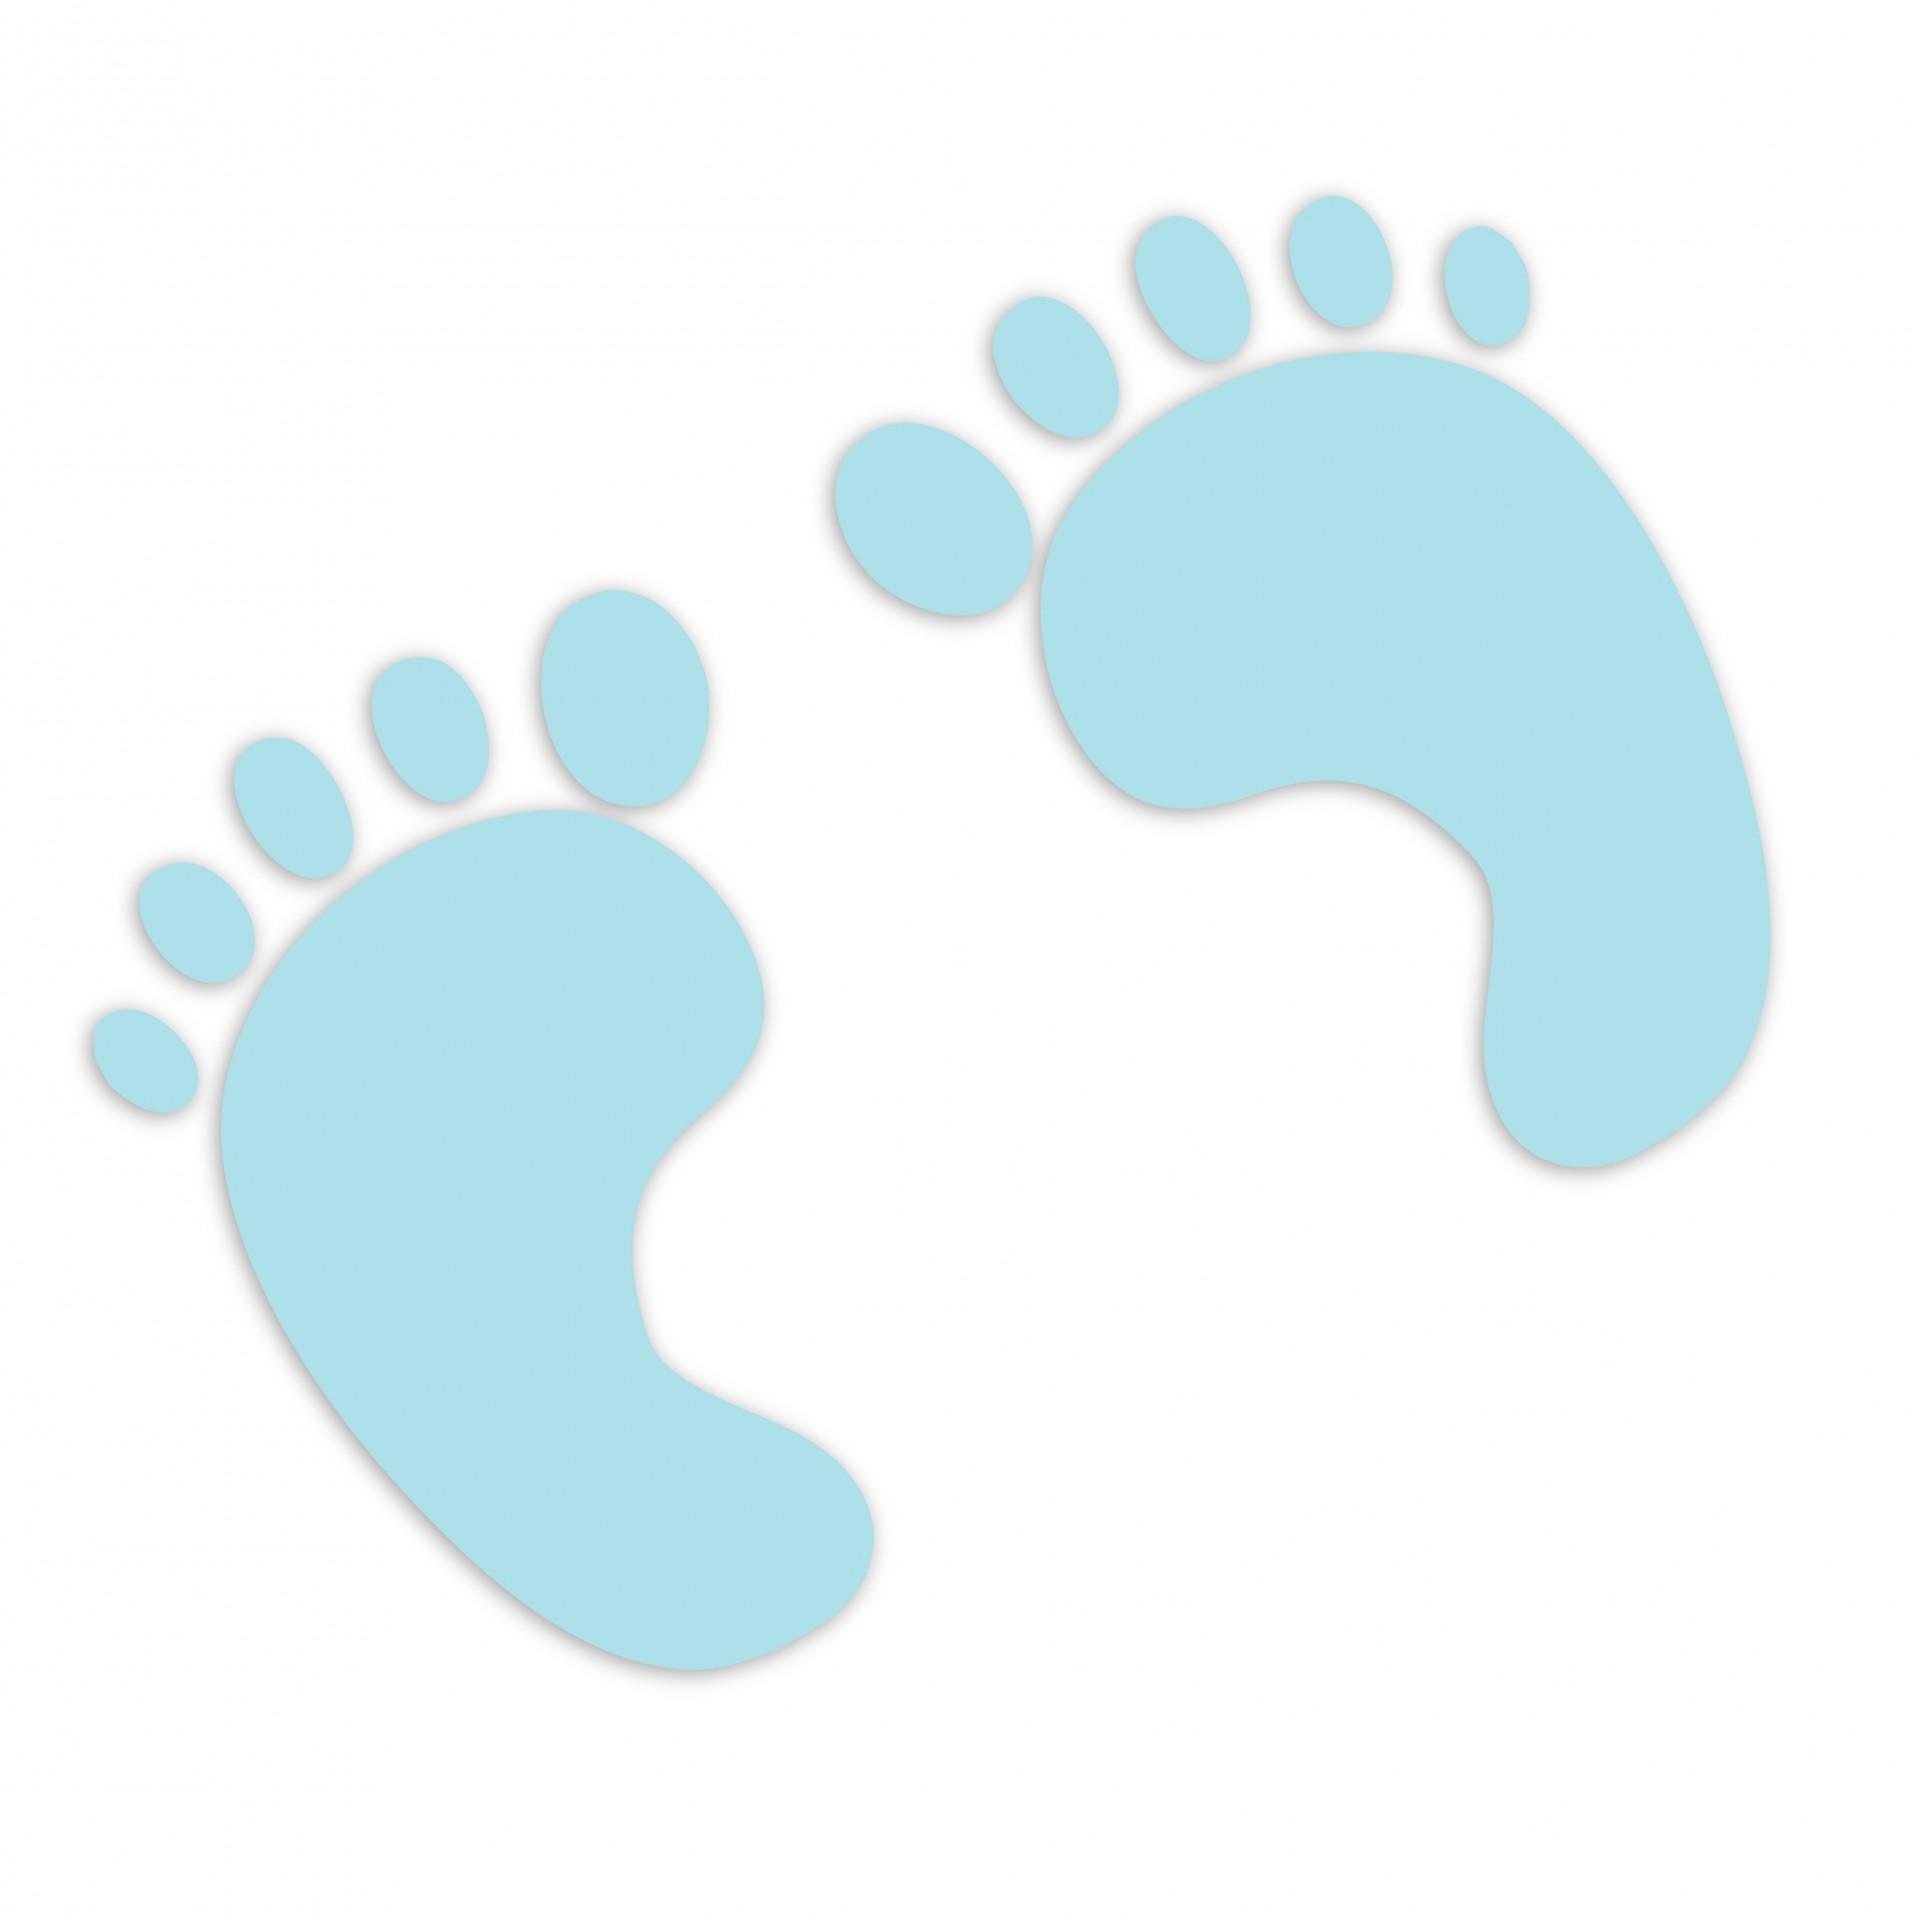 1920x1920 Clip Art Clip Art Of Footprints